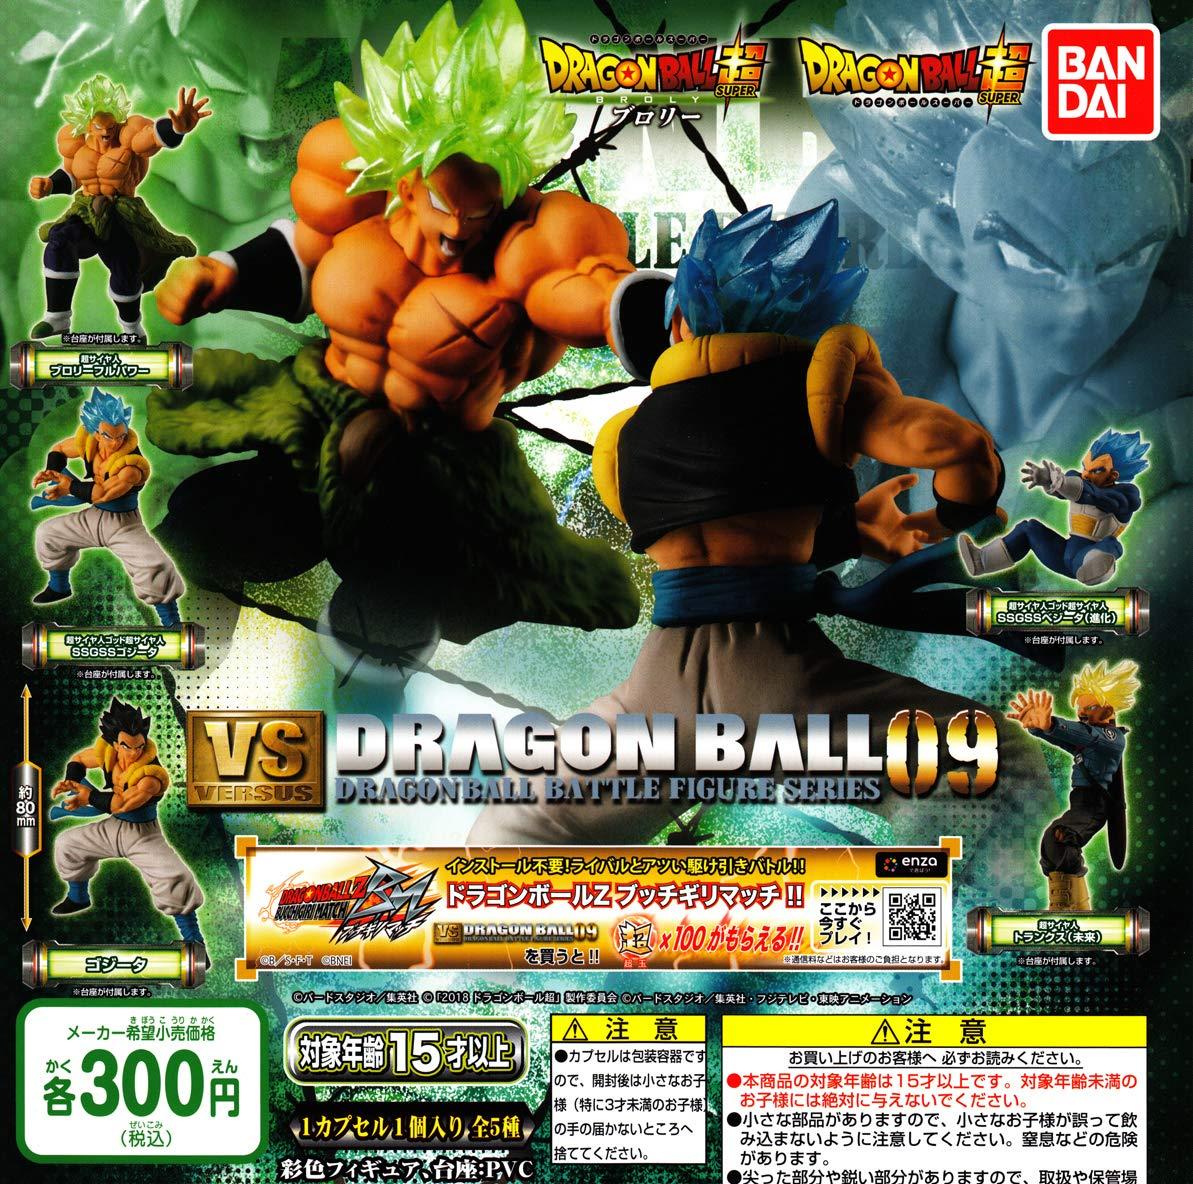 ドラゴンボール超『VSドラゴンボール09』ガシャポン-006